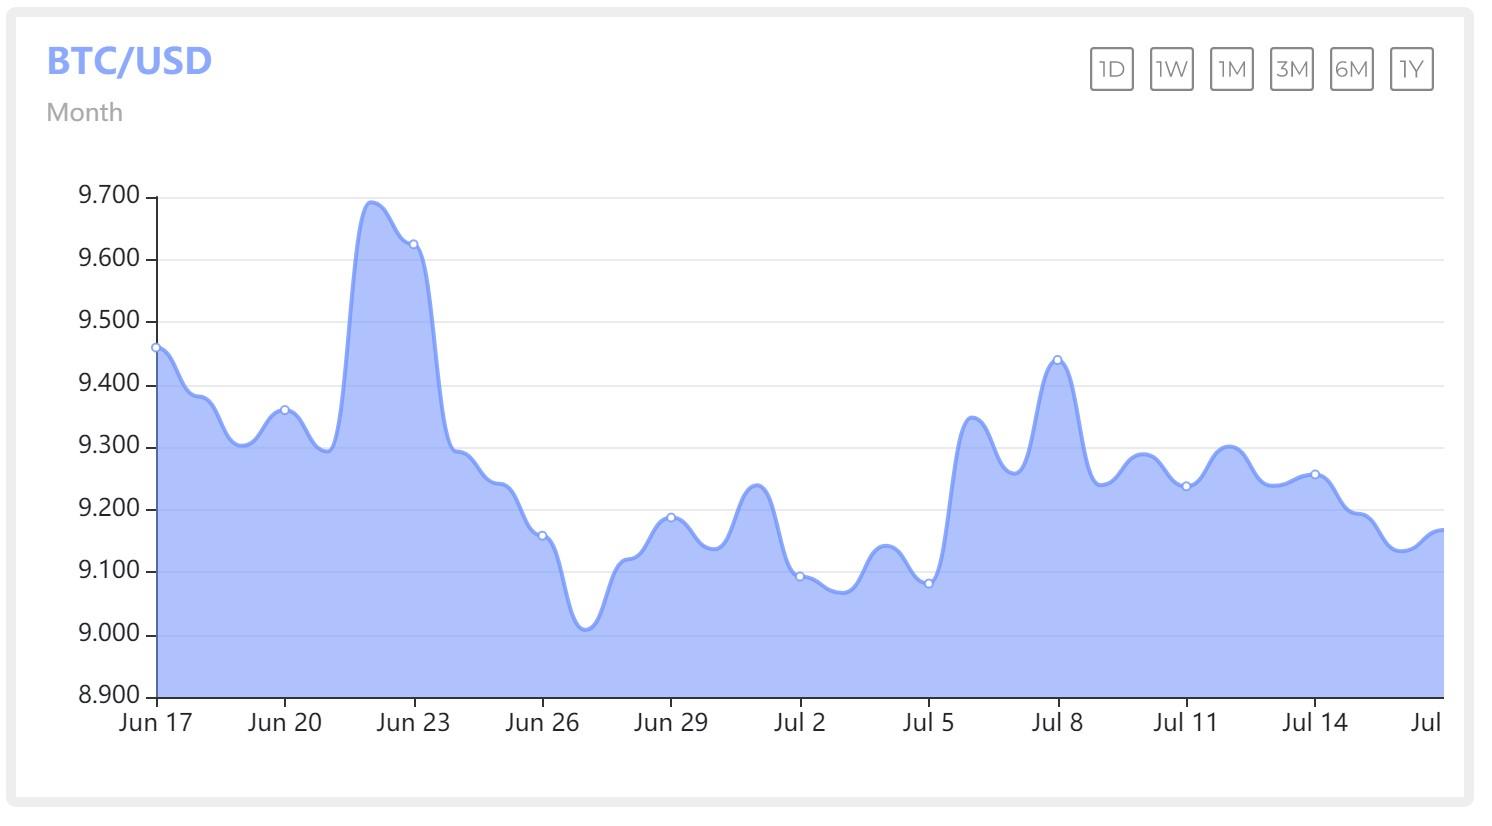 图一为:BTC/USD一个月内走势